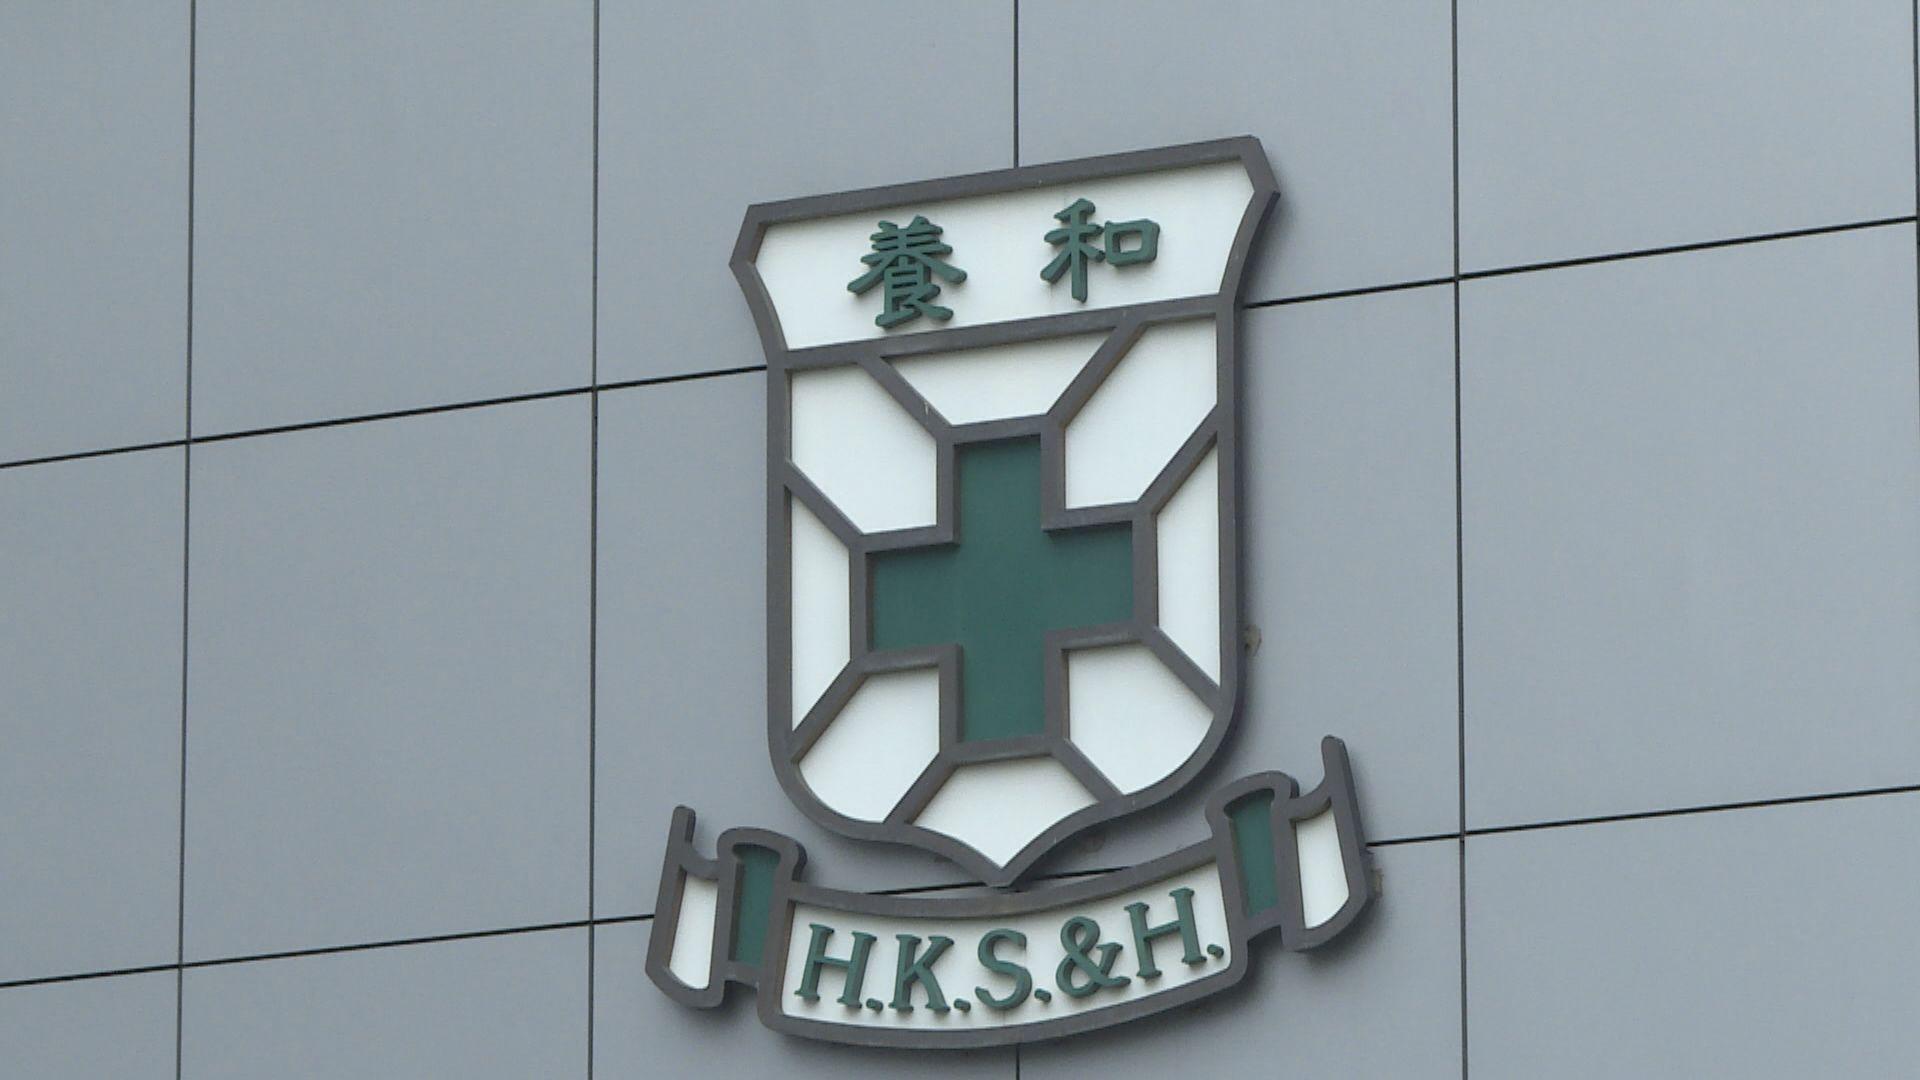 【突破6000宗】本港增92宗確診 養和兩護士初步確診曾接觸染疫離世病人